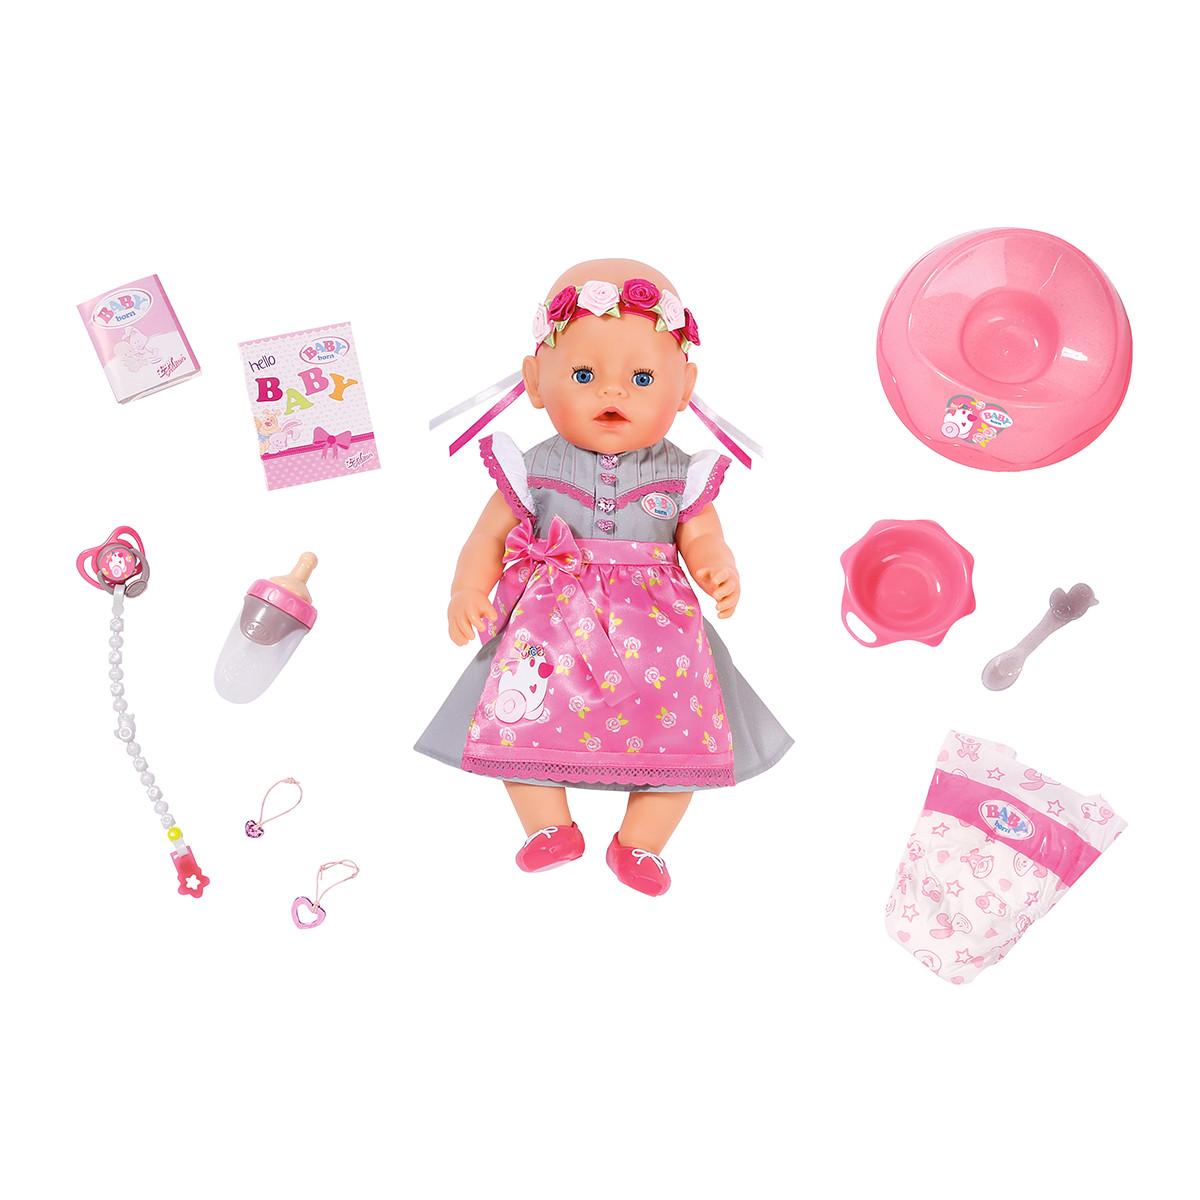 Кукла Baby Born Нарядная малышка - серии Нежные объятия, 827451